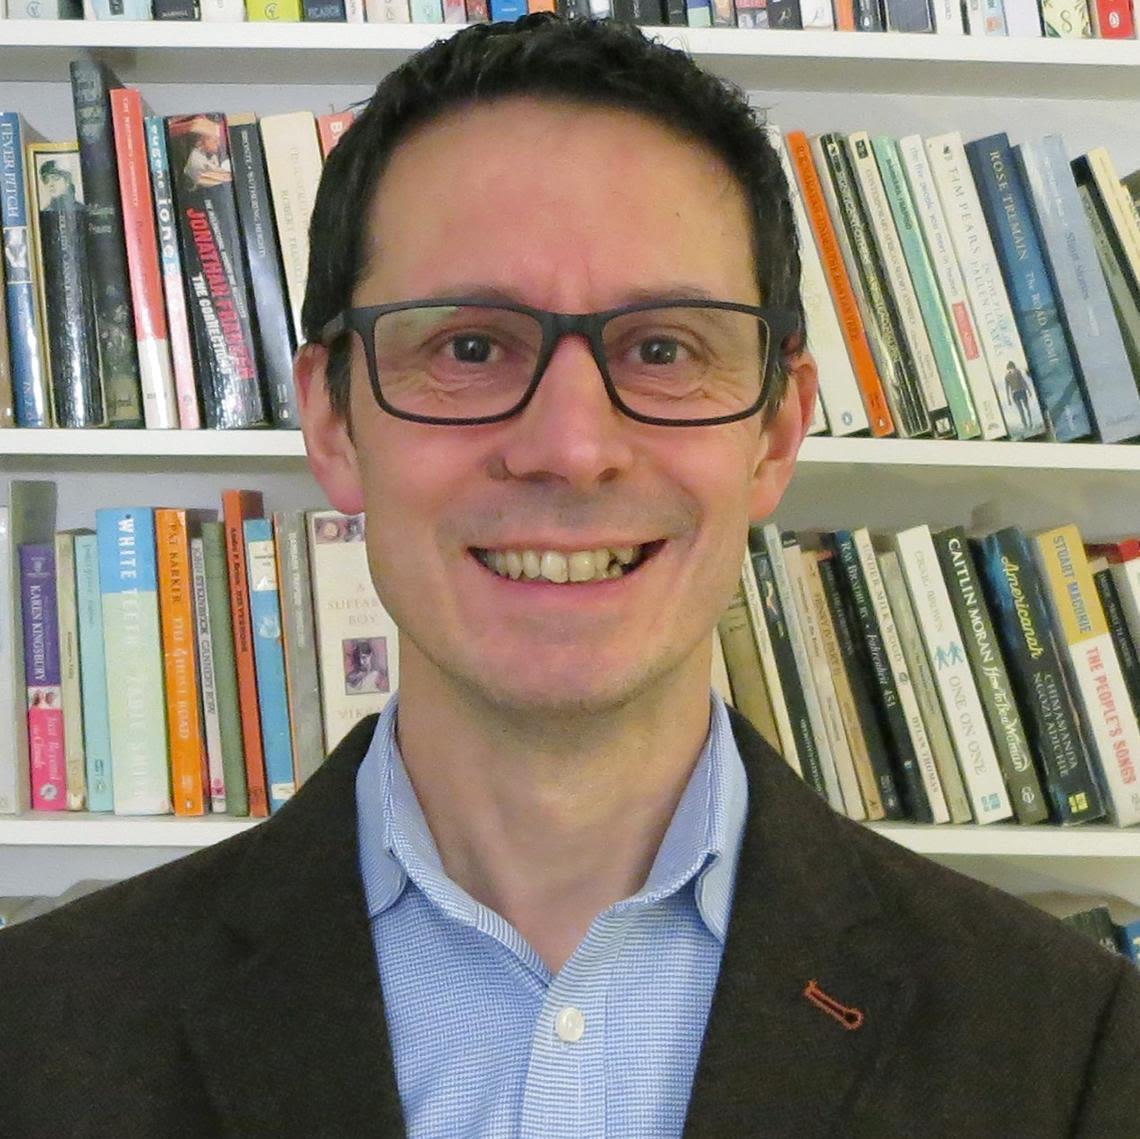 Paul Storey